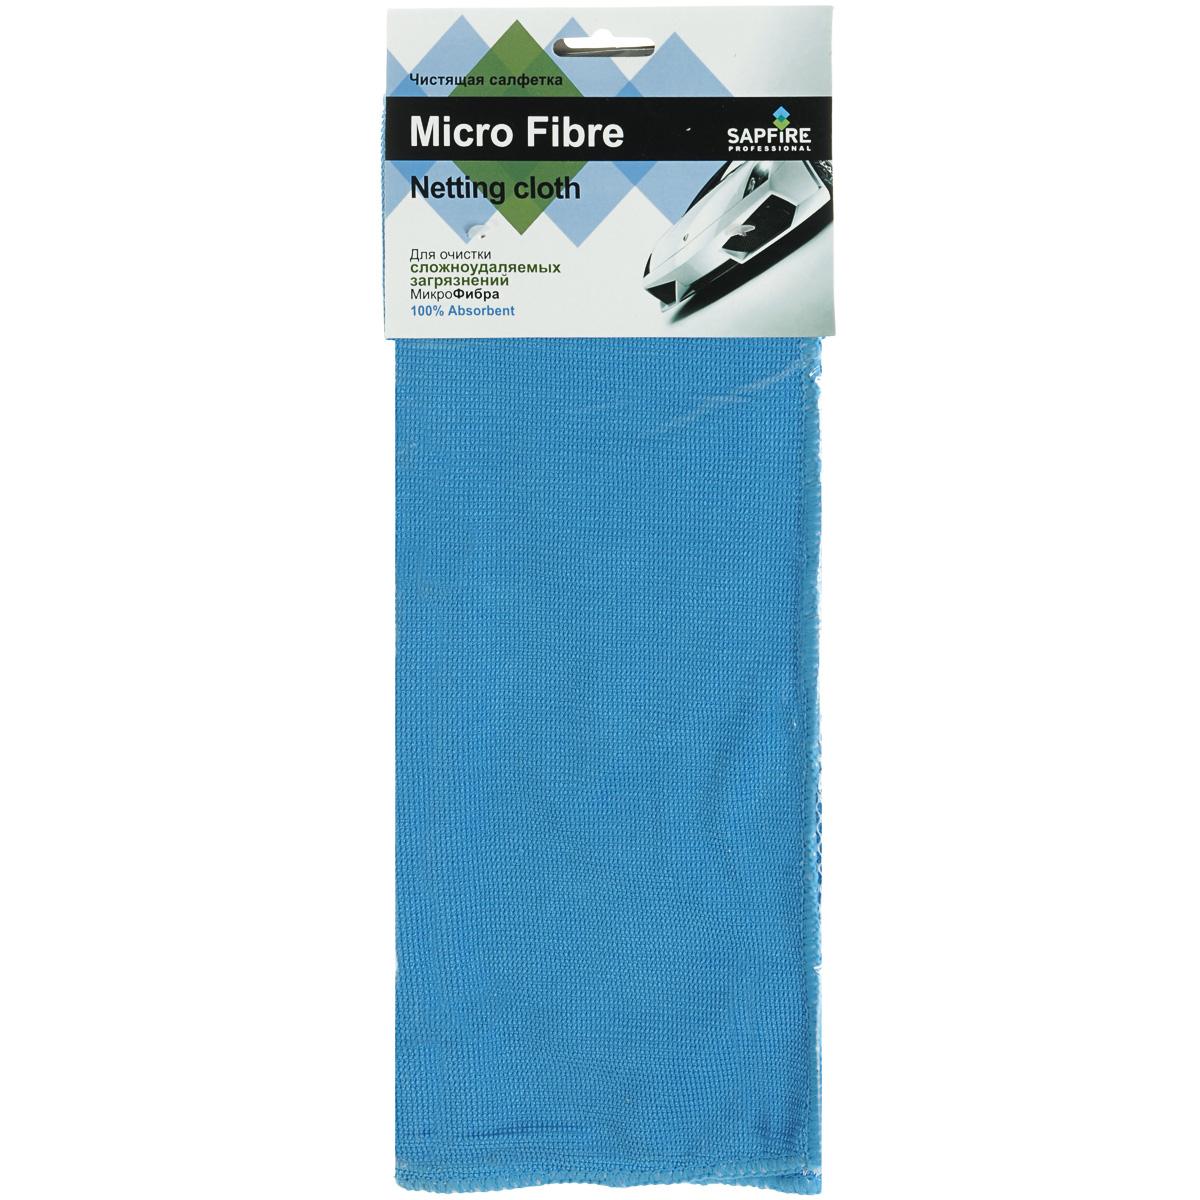 Салфетка чистящая для мытья и полировки автомобиля Sapfire Netting Cloth, цвет: голубой, 35 х 35 см3002-SFMСалфетка Sapfire Netting cloth выполнена из высококачественного полиэстера и полиамида. С одной стороны салфетка покрыта сеткой. Благодаря своей сетчатой структуре она эффективно удаляет с твердых поверхностей грязь, следы засохших насекомых.Микрофибровое полотно удаляет грязь с поверхности намного эффективнее, быстрее и значительно более бережно в сравнении с обычной тканью, что существенно снижает время на проведение уборки, поскольку отсутствует необходимость протирать одно и то же место дважды. Использовать салфетку можно для чистки как наружных, так и внутренних поверхностей автомобиля. Используя подобную мягкую ткань, можно проникнуть даже в самые труднодоступные места и эффективно очистить от пыли и бактерий все поверхности. Микрофибра устойчива к истиранию, ее можно быстро вернуть к первоначальному виду с помощью машинной стирки при малом количестве моющих средств. Приобретая микрофибровые изделия для чистки автомобиля, каждый владелец сможет обеспечить достойный уход за любимым транспортным средством. Состав: 80% полиэстер, 20% полиамид.Размер: 35 см х 35 см.